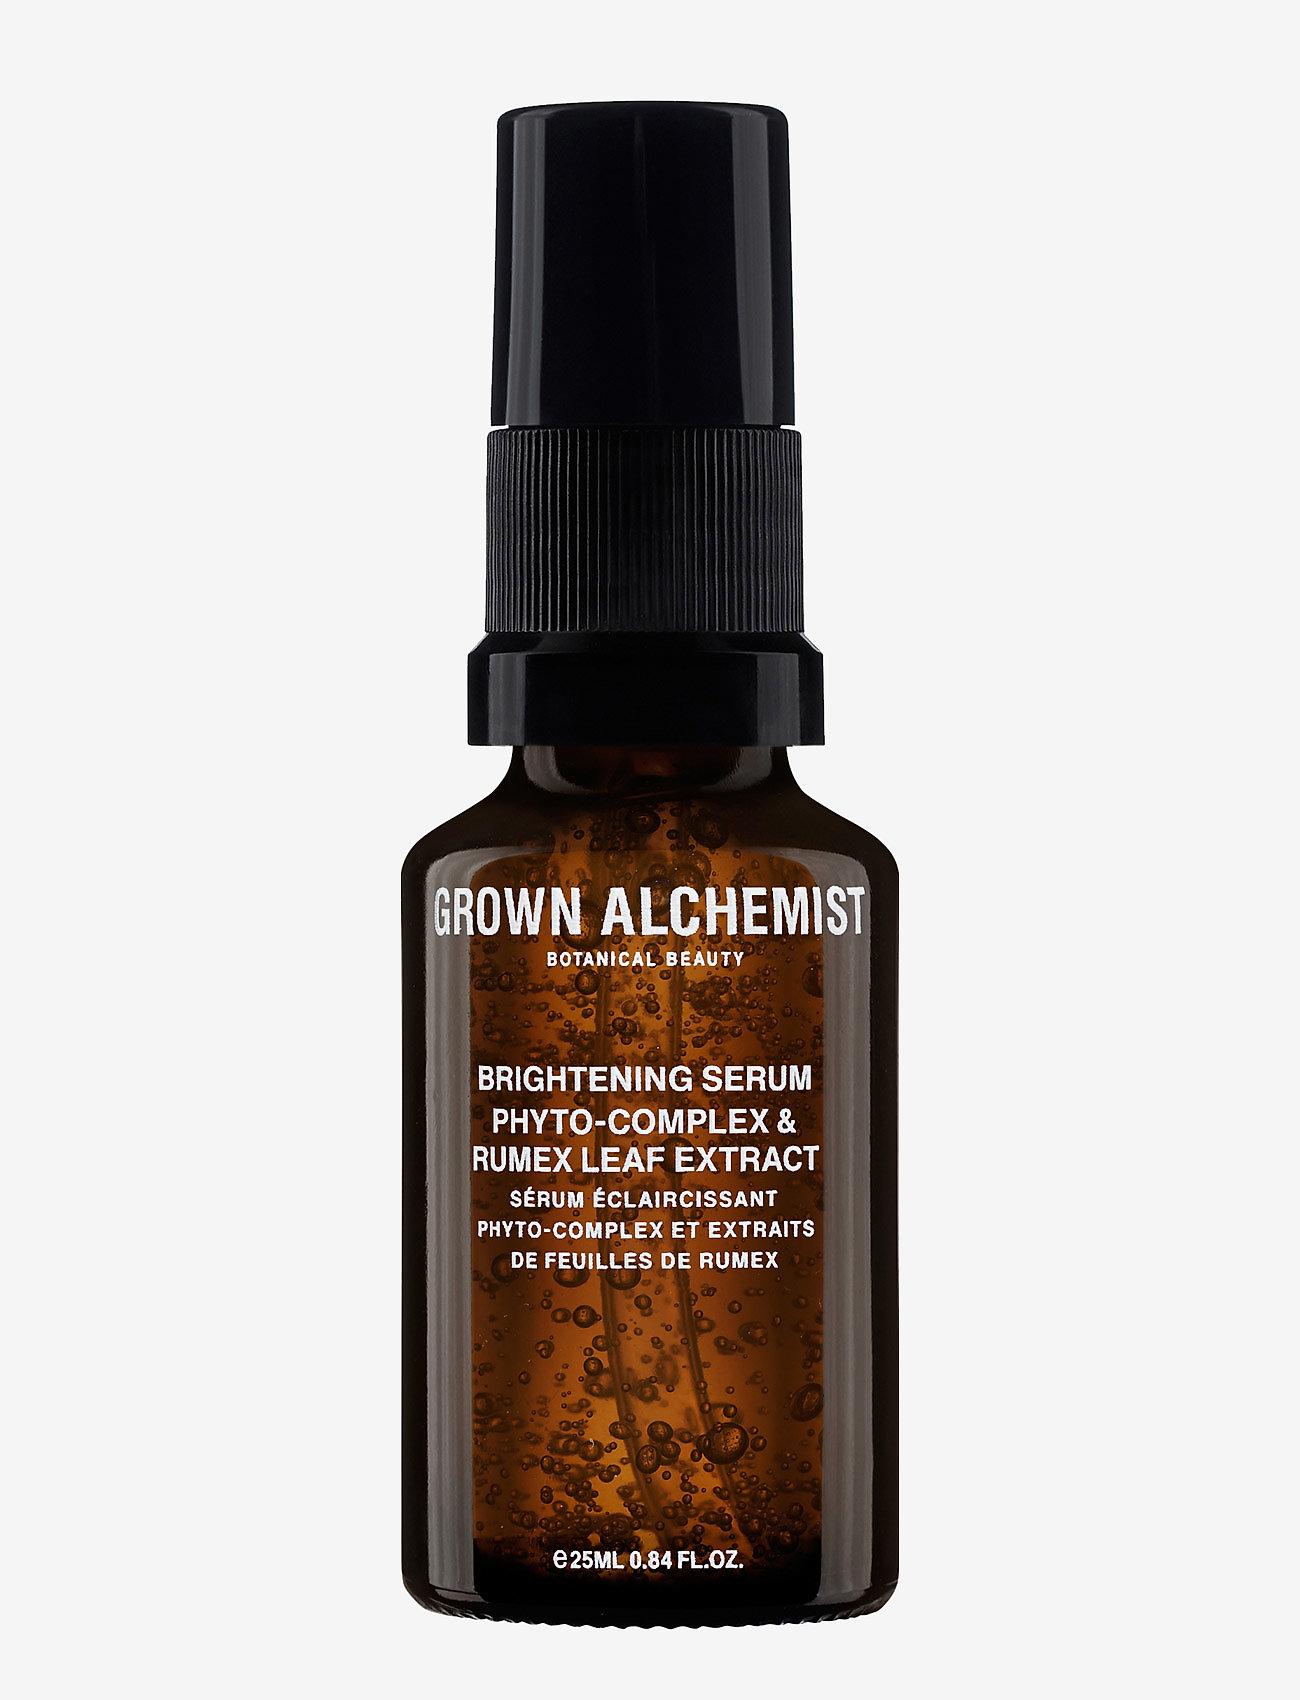 Grown Alchemist - Brightening Serum: Phyto-Complex & Rumex Leaf Extract - serum - clear - 0